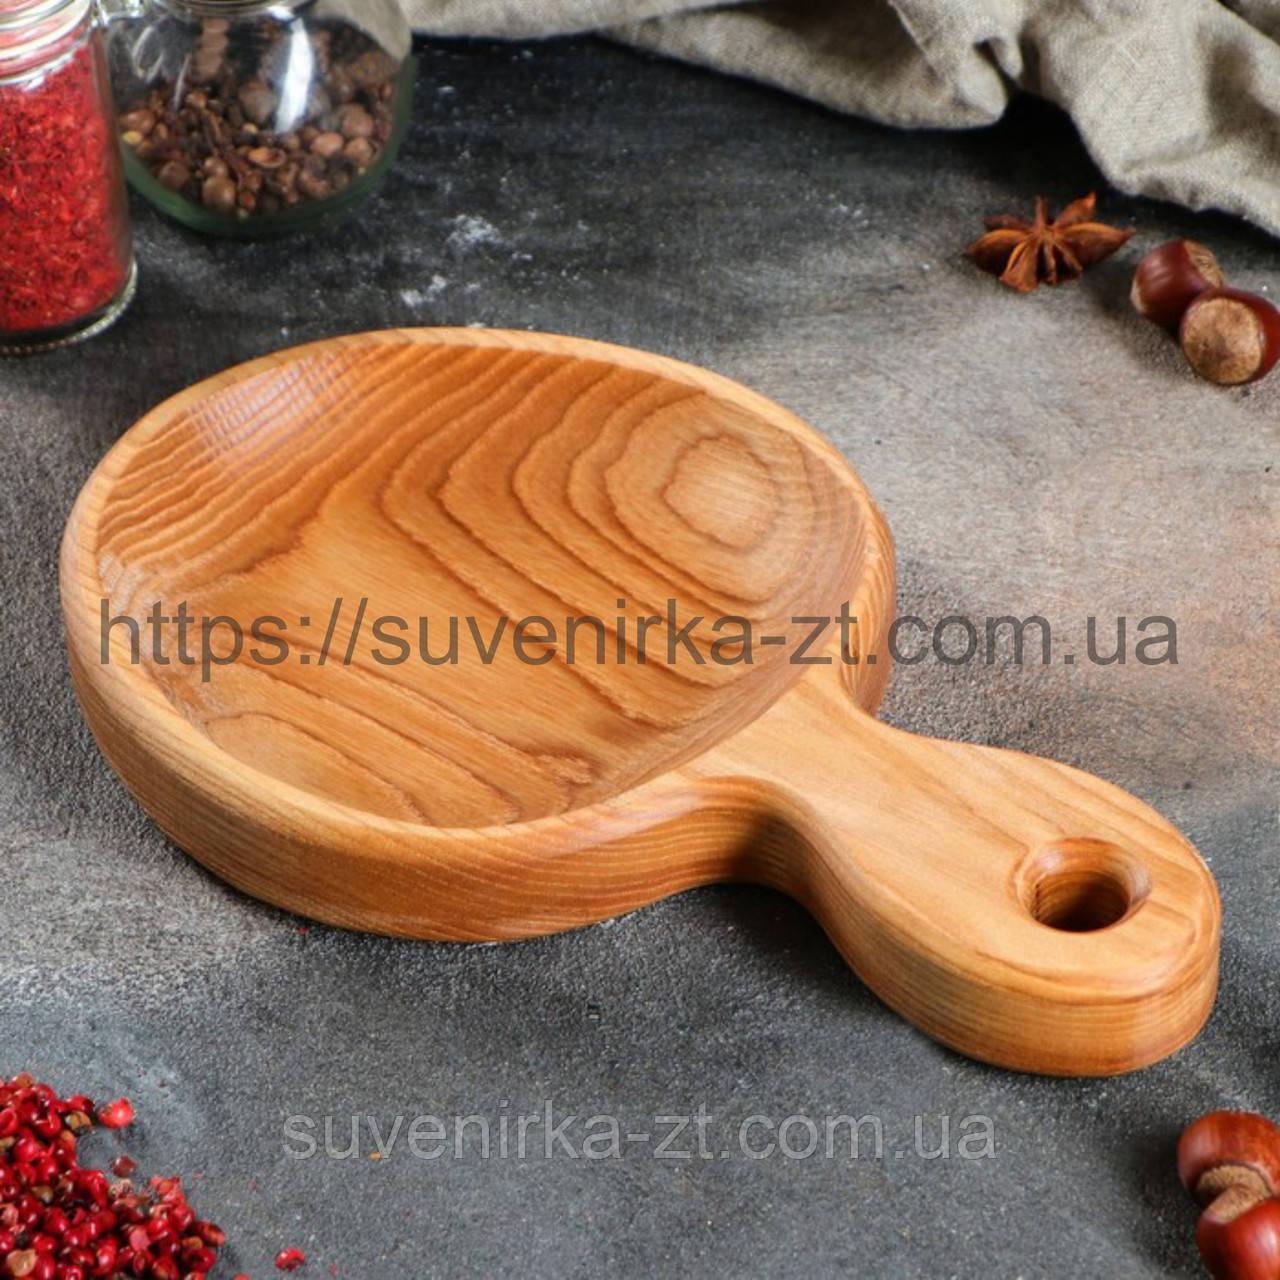 Деревянная посуда для подачи. (A01017)